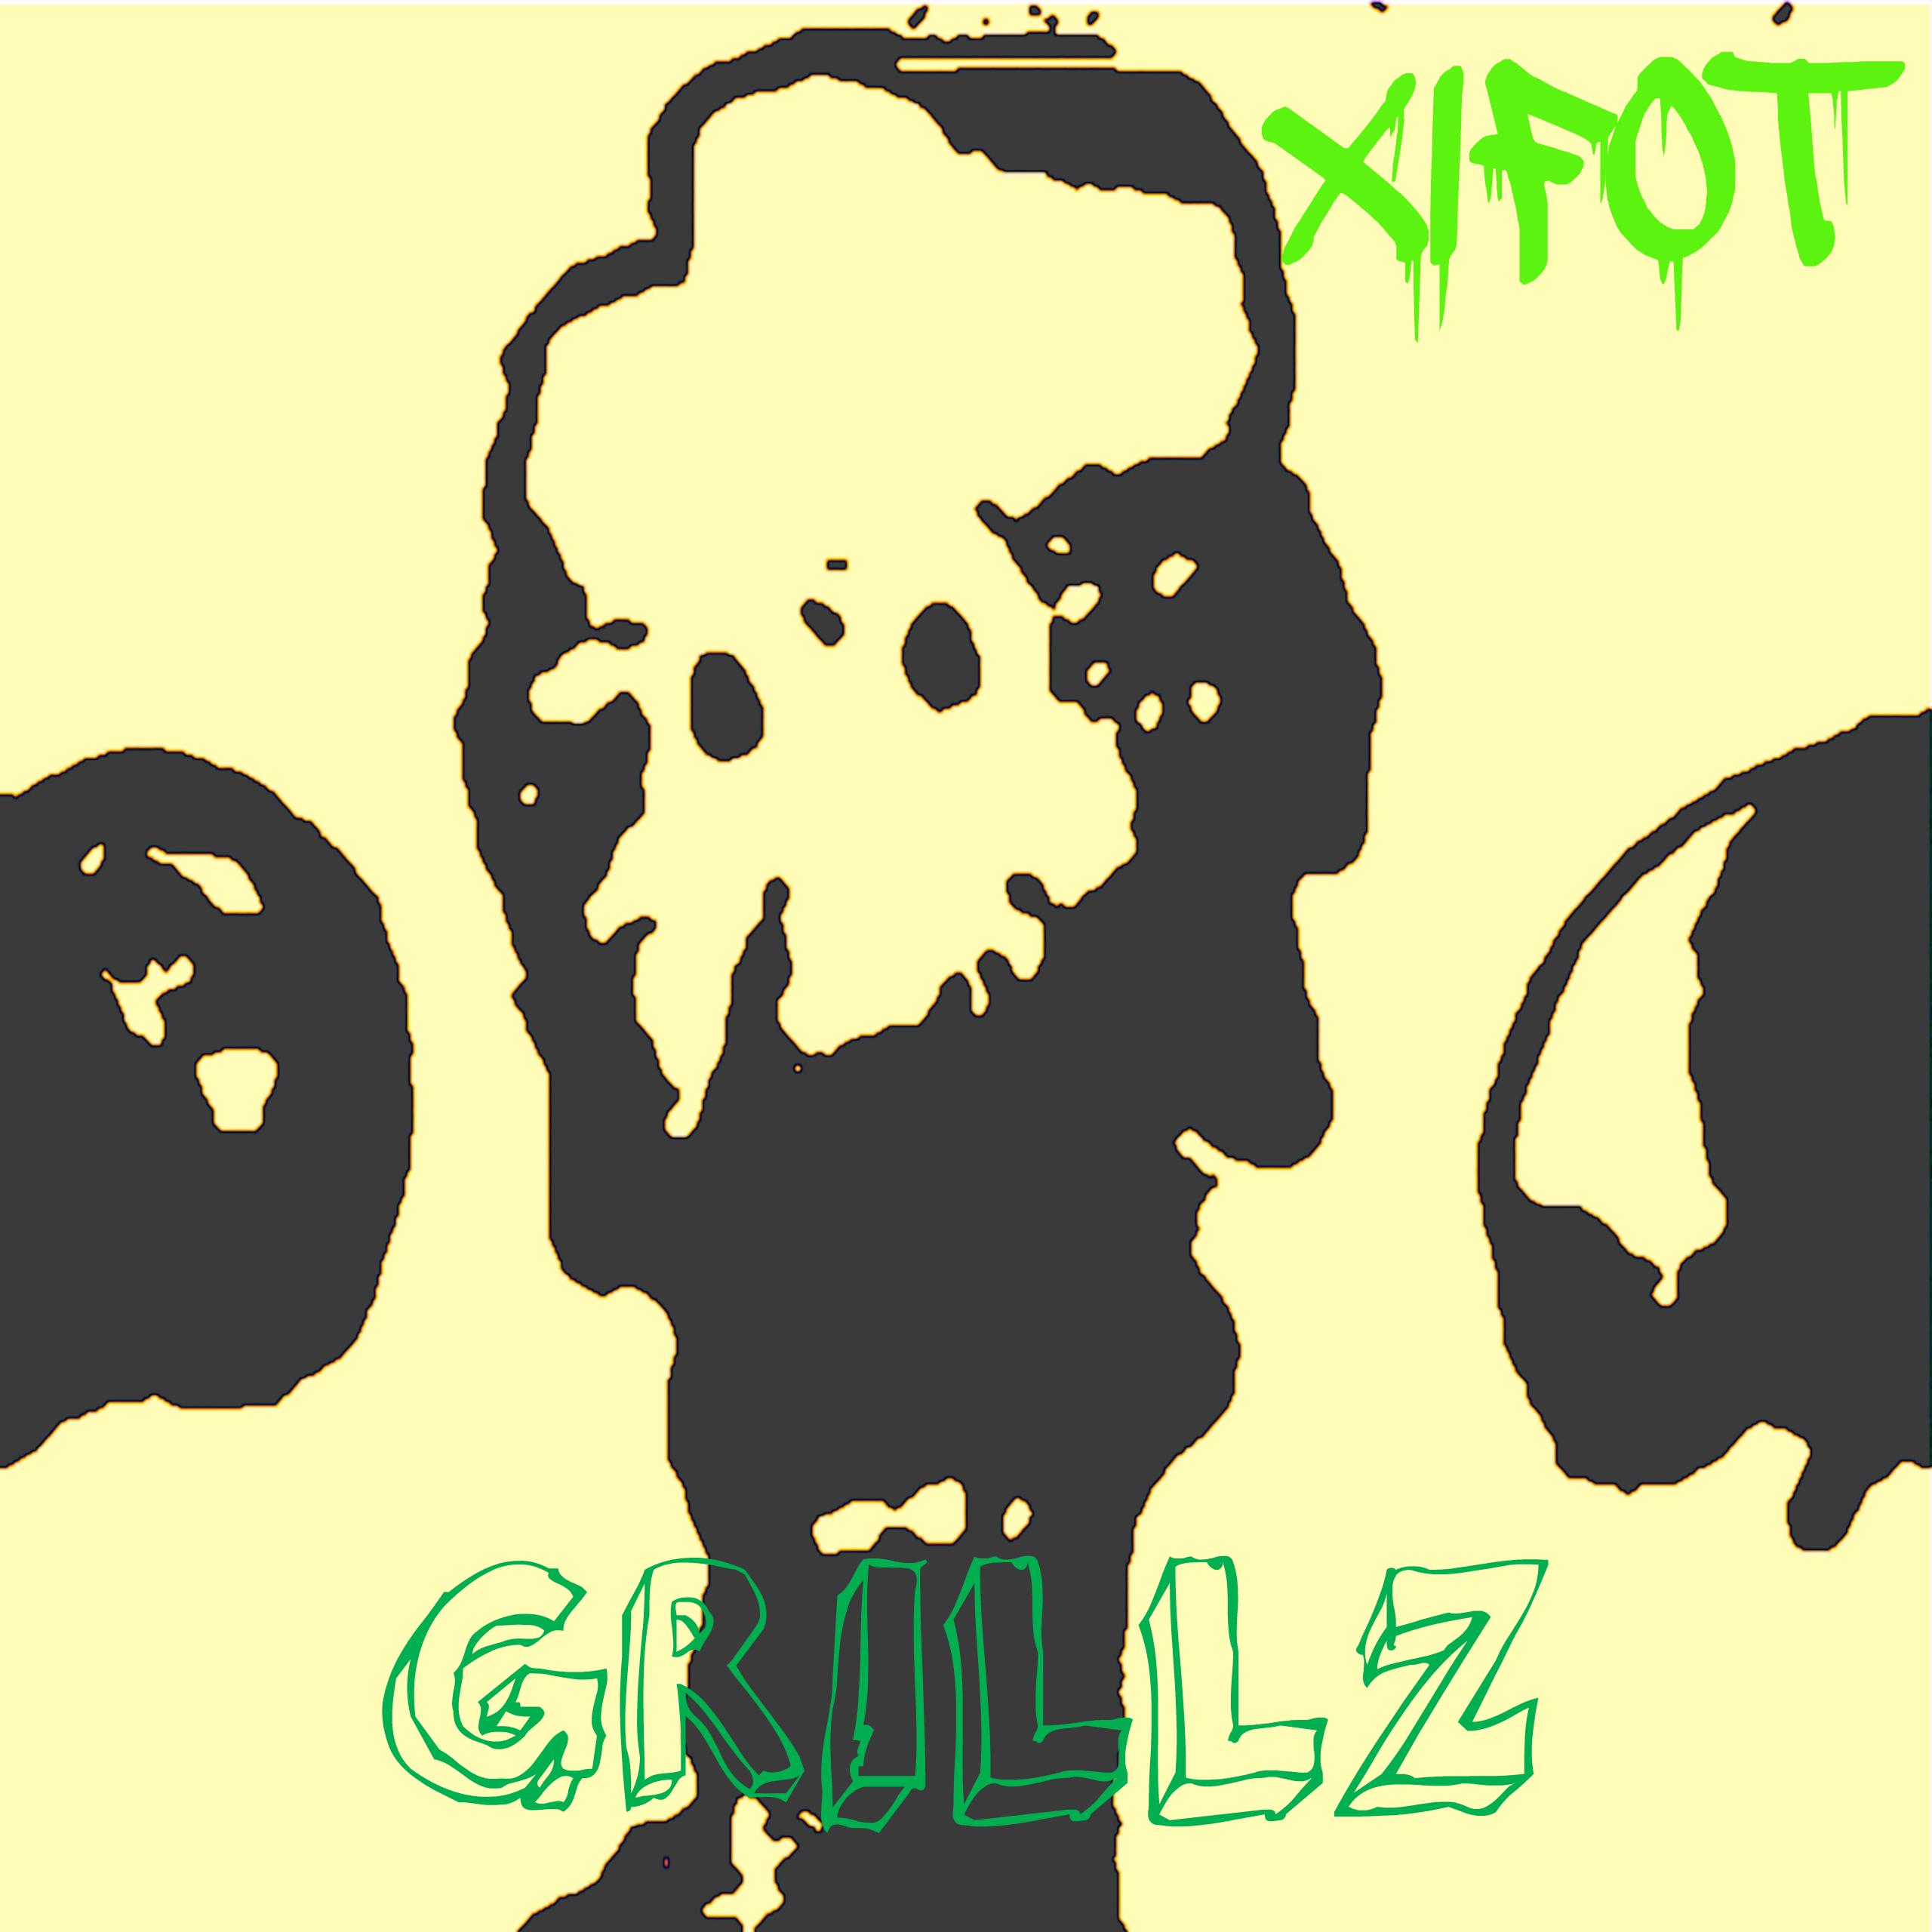 Album Art Cover #Xifot_Grillz